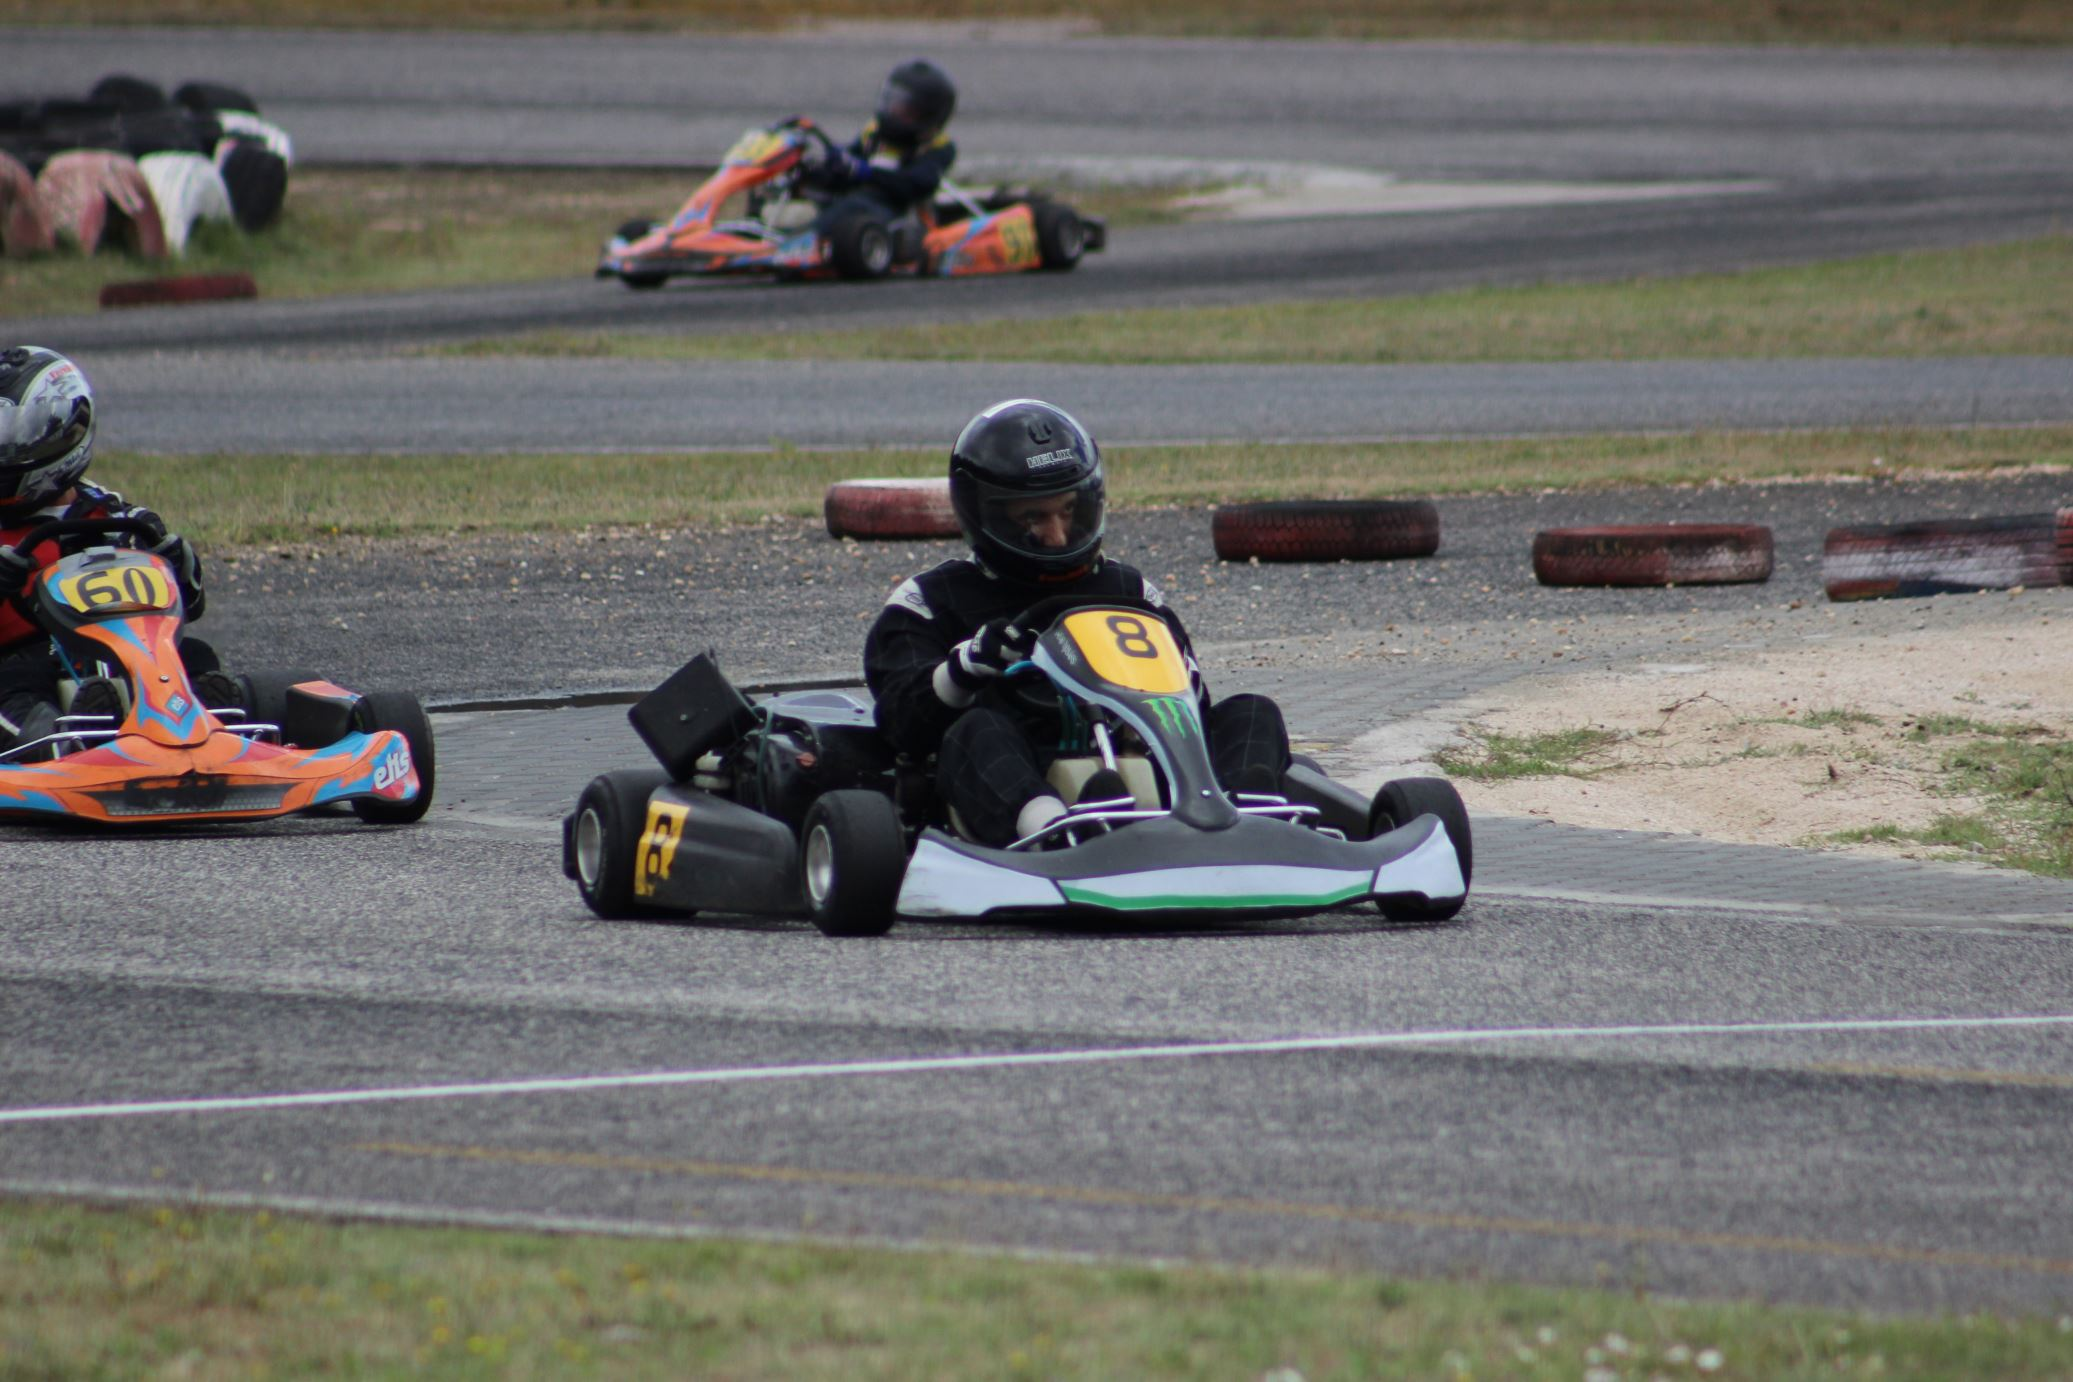 Troféu Honda 2014 - 2ª Prova177